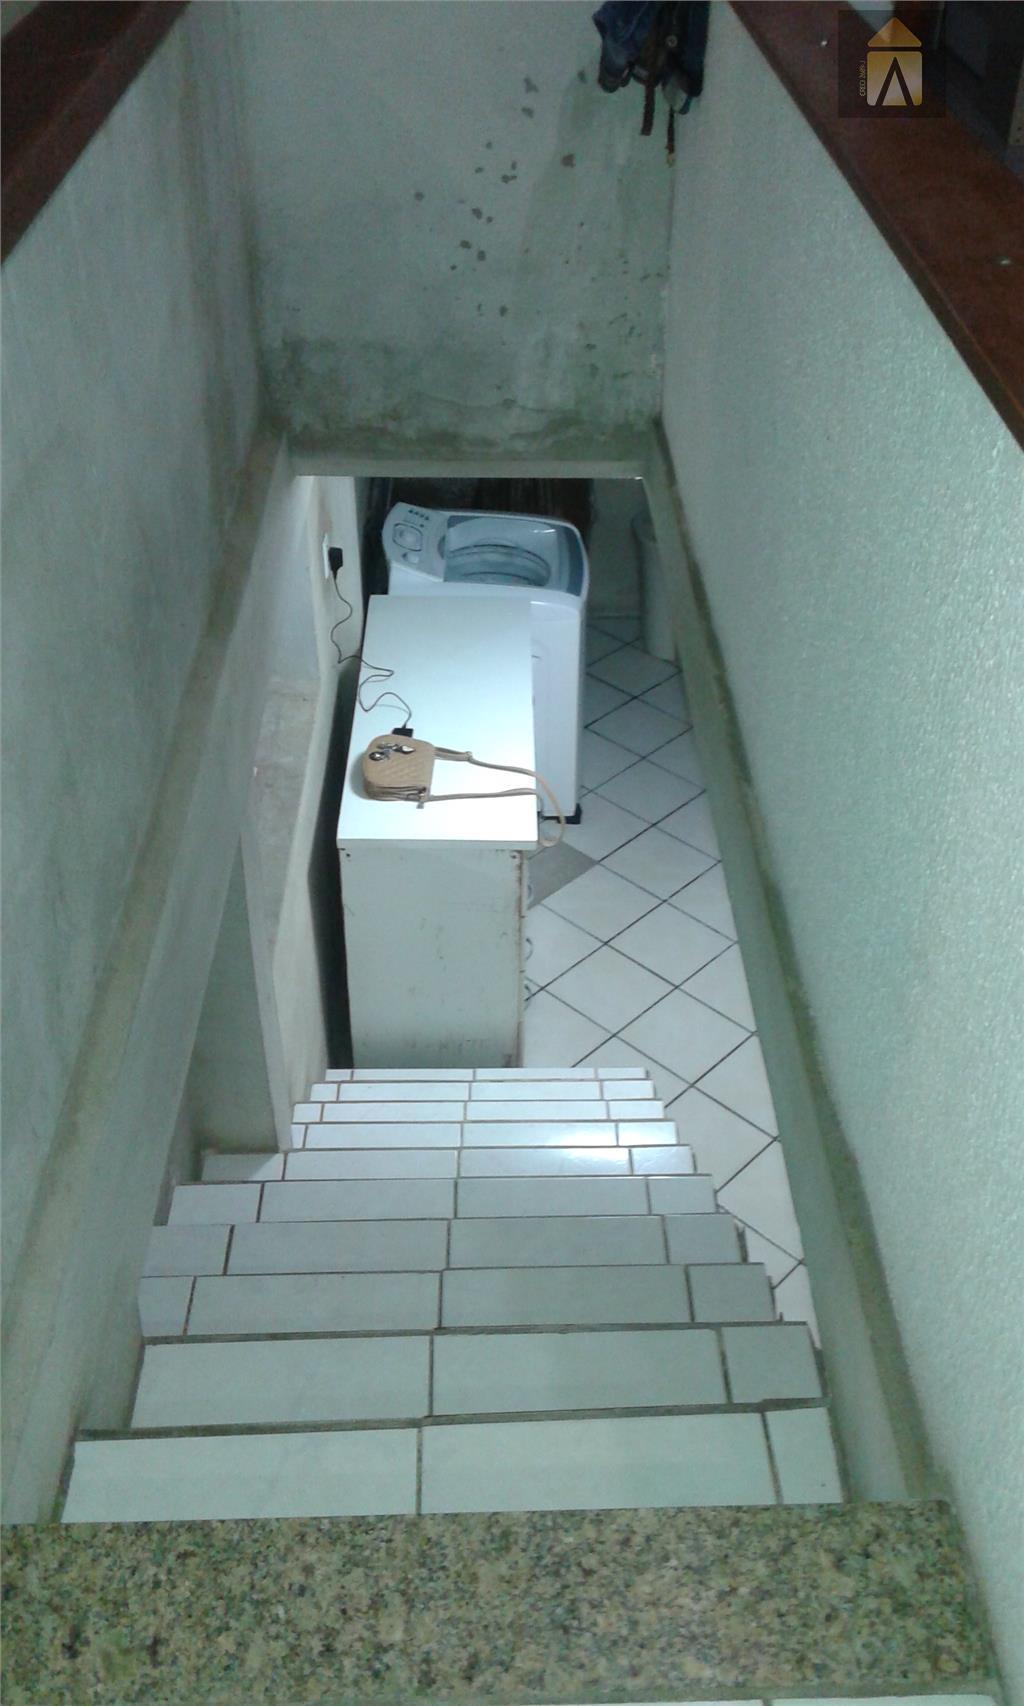 01 suíte, 02 dormitórios, sala,banheiro,copa,cozinha,área de serviço,garagem.terreno com 360,00 m²  - 12x30área construída 100,00 m²